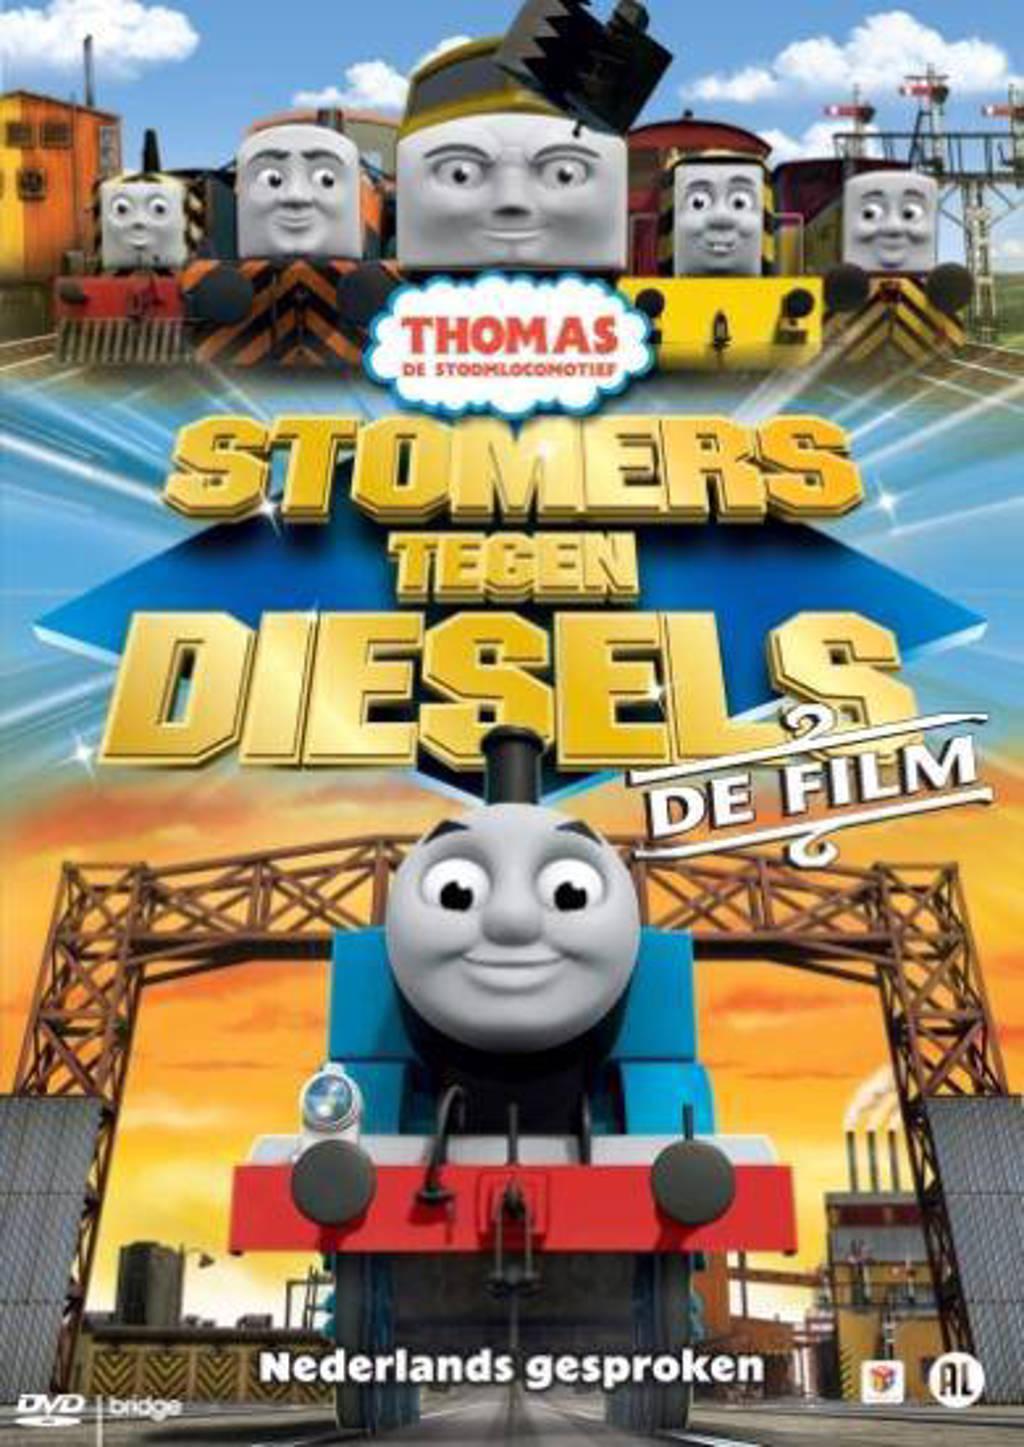 Thomas de stoomlocomotief - Stomers tegen diesels (DVD)